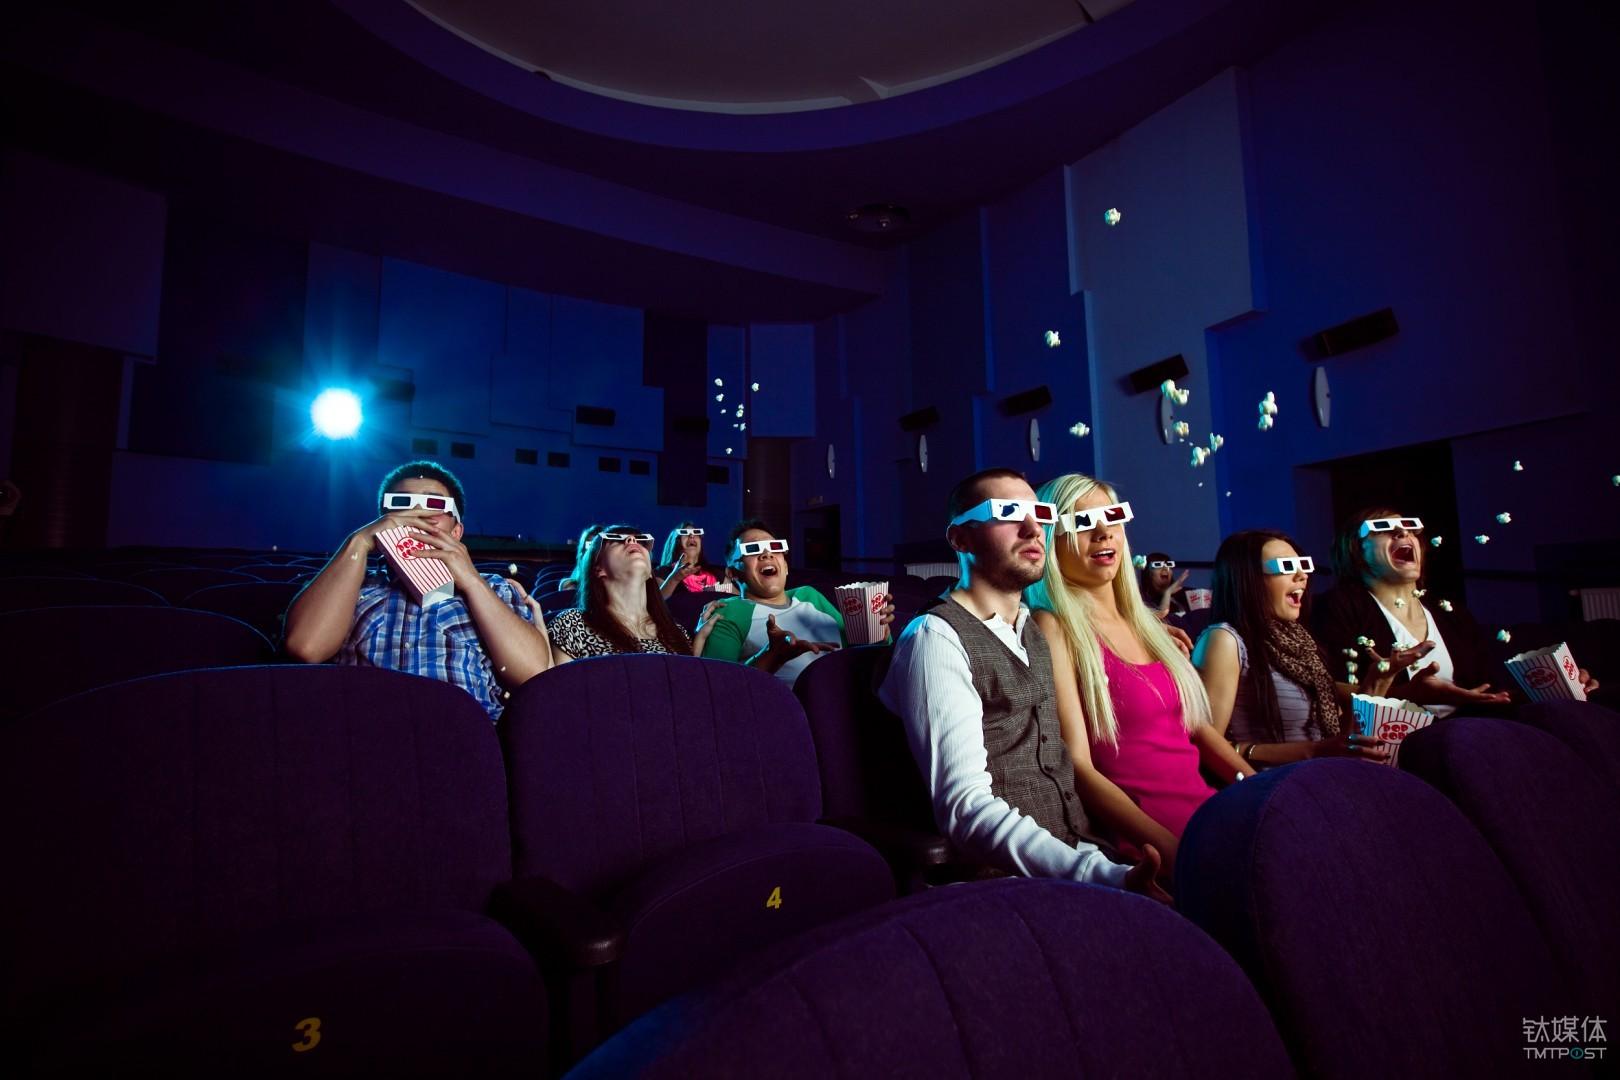 入局者太多,Netflix将推80部原创电影与科技公司抢市场